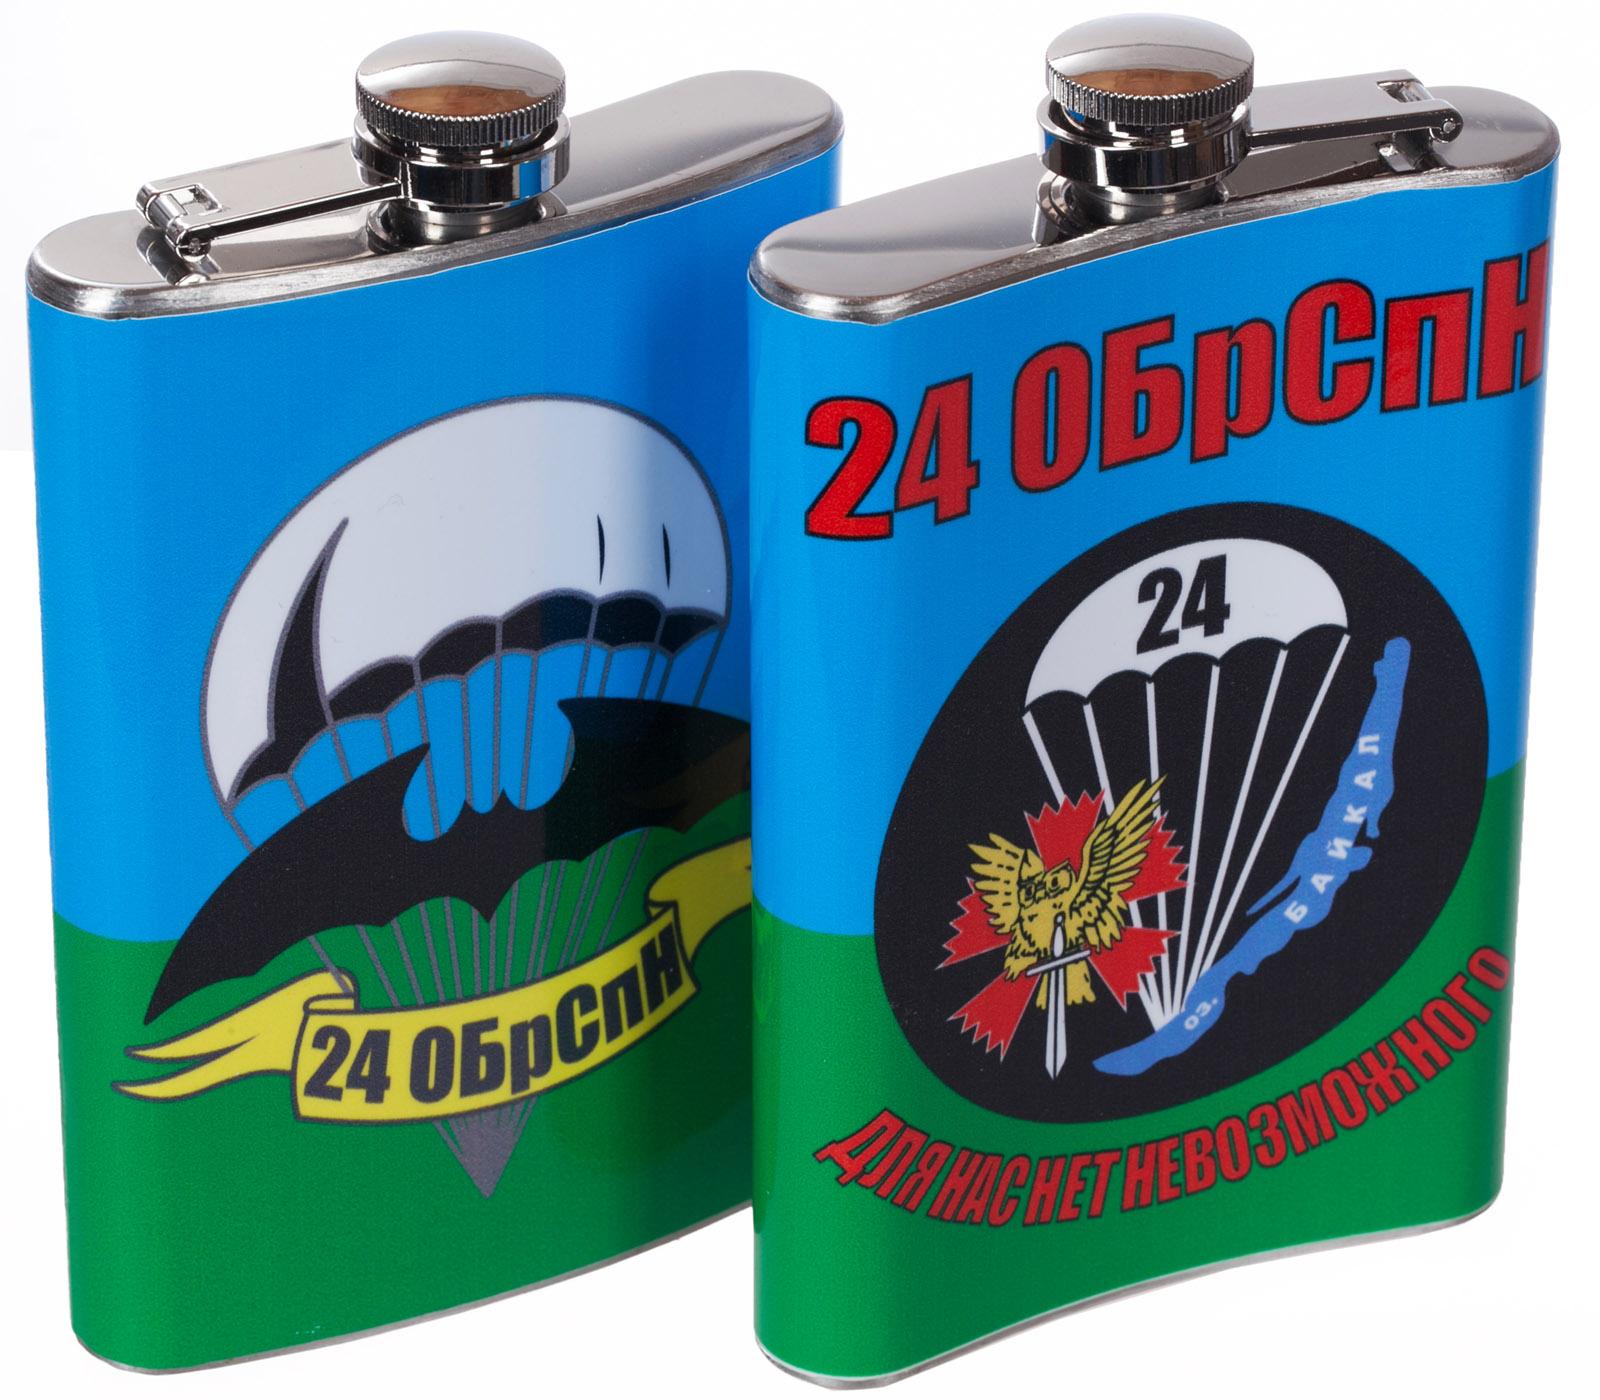 """Выгодно купить флягу """"24 Бригада спецназа ГРУ Новосибирск"""" с доставкой"""